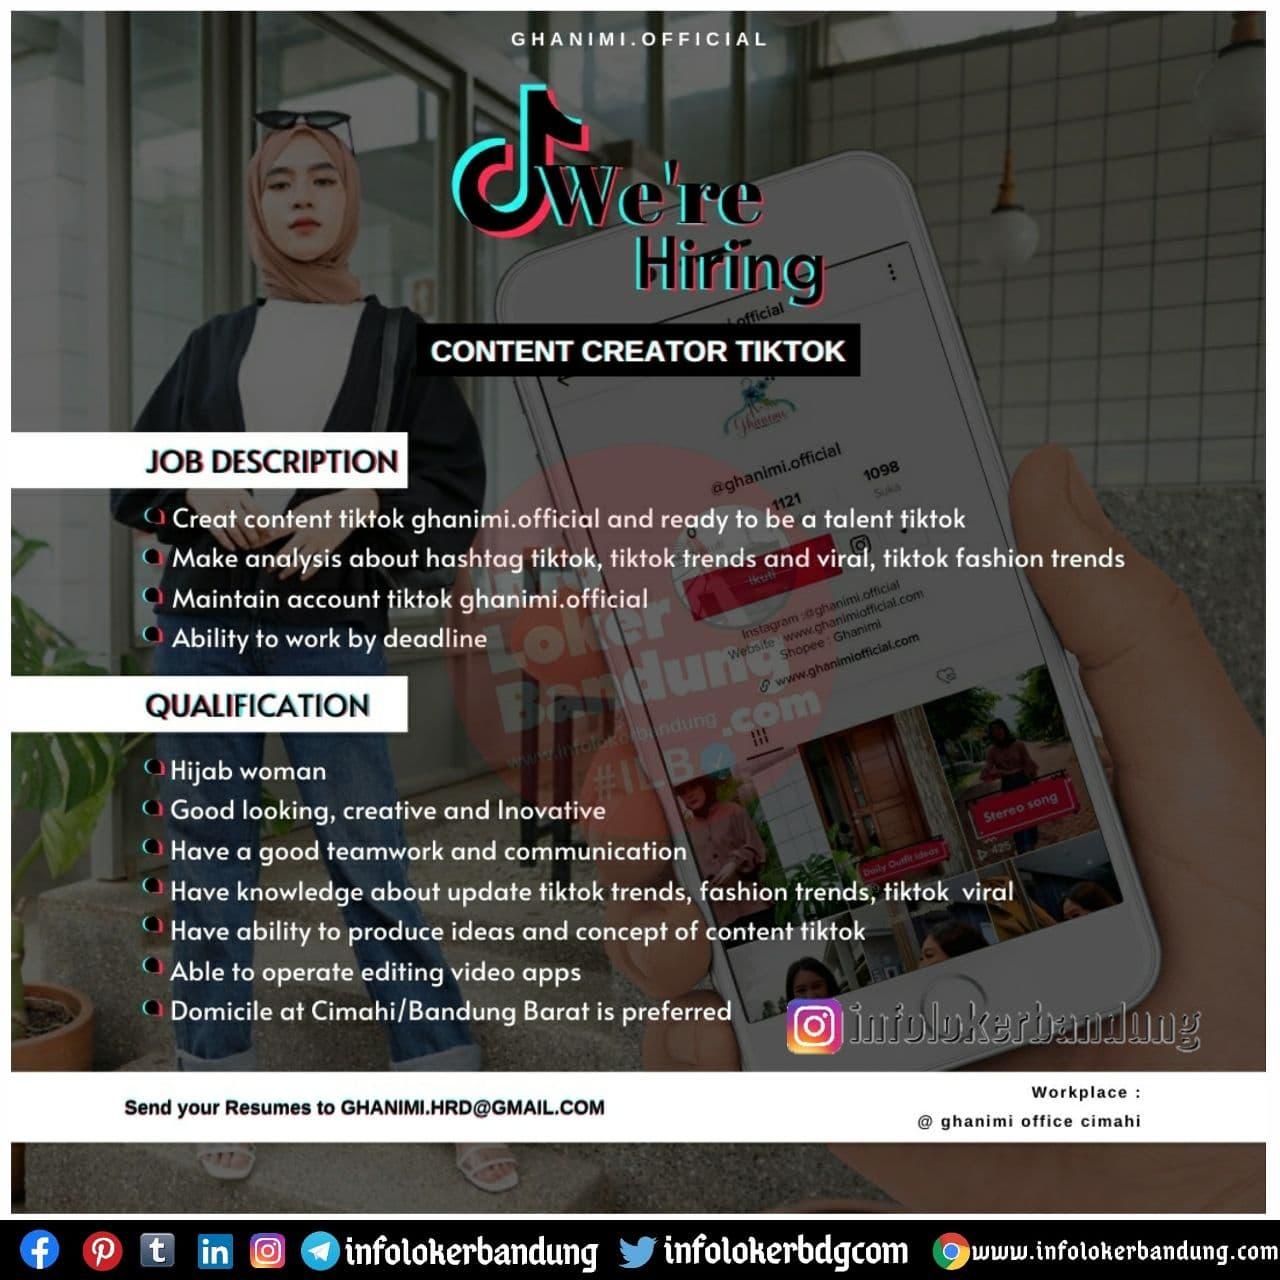 Lowongan Kerja Content Creator Tiktok Ghanimi Official Bandung Desember 2020